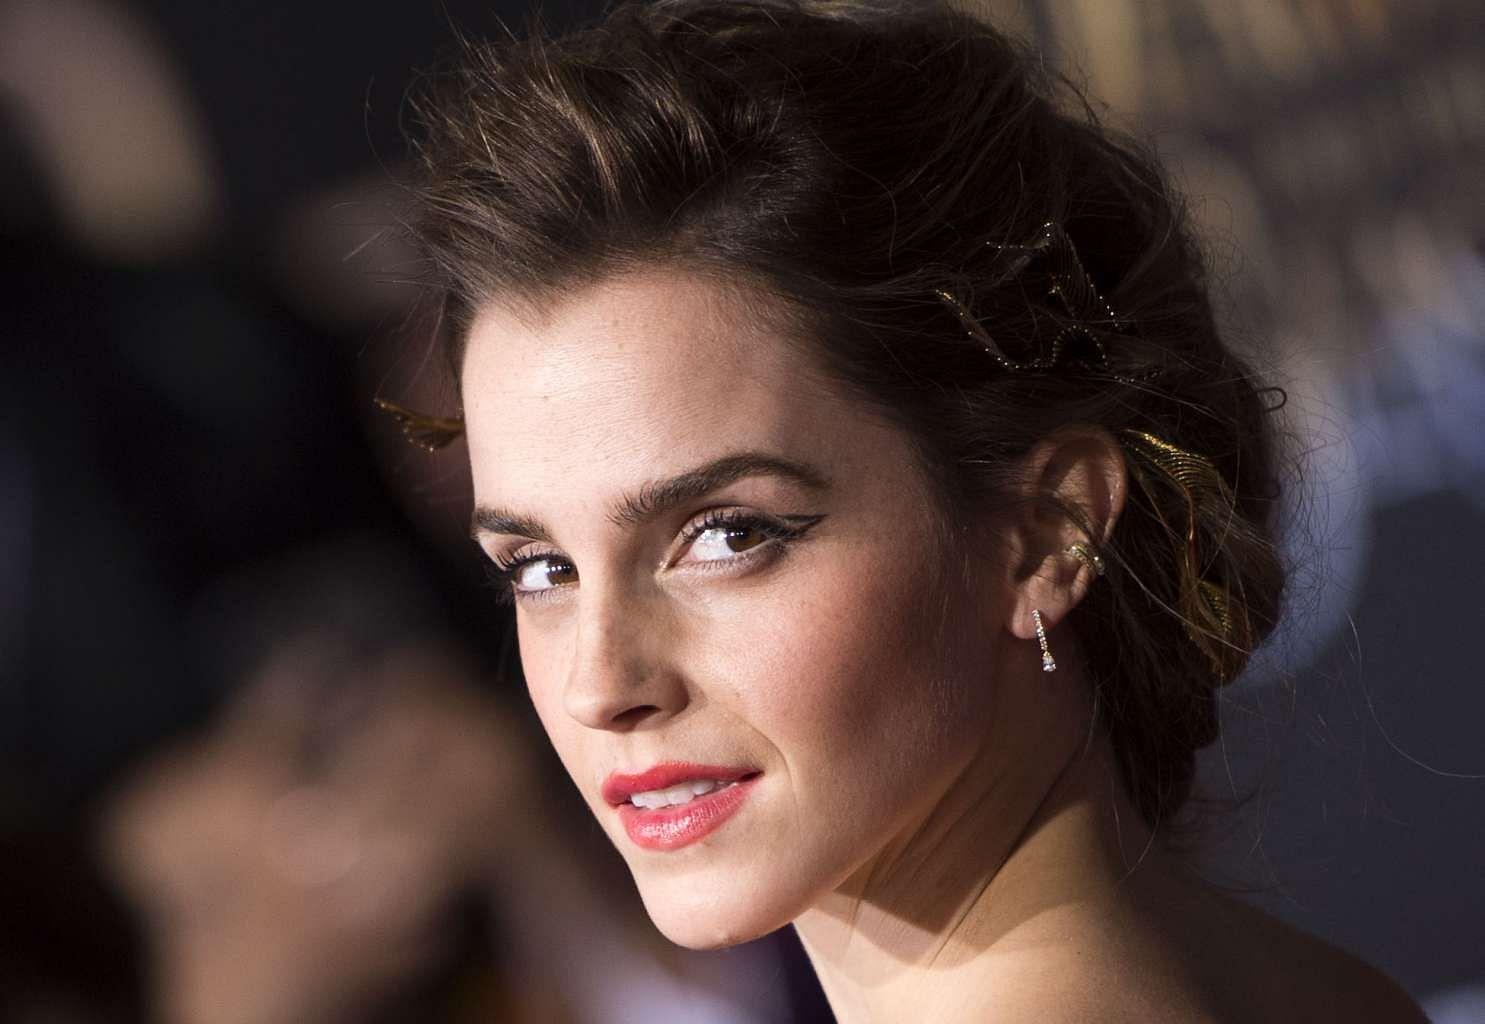 ICloud Emma Watson nudes (96 foto and video), Ass, Hot, Feet, butt 2019